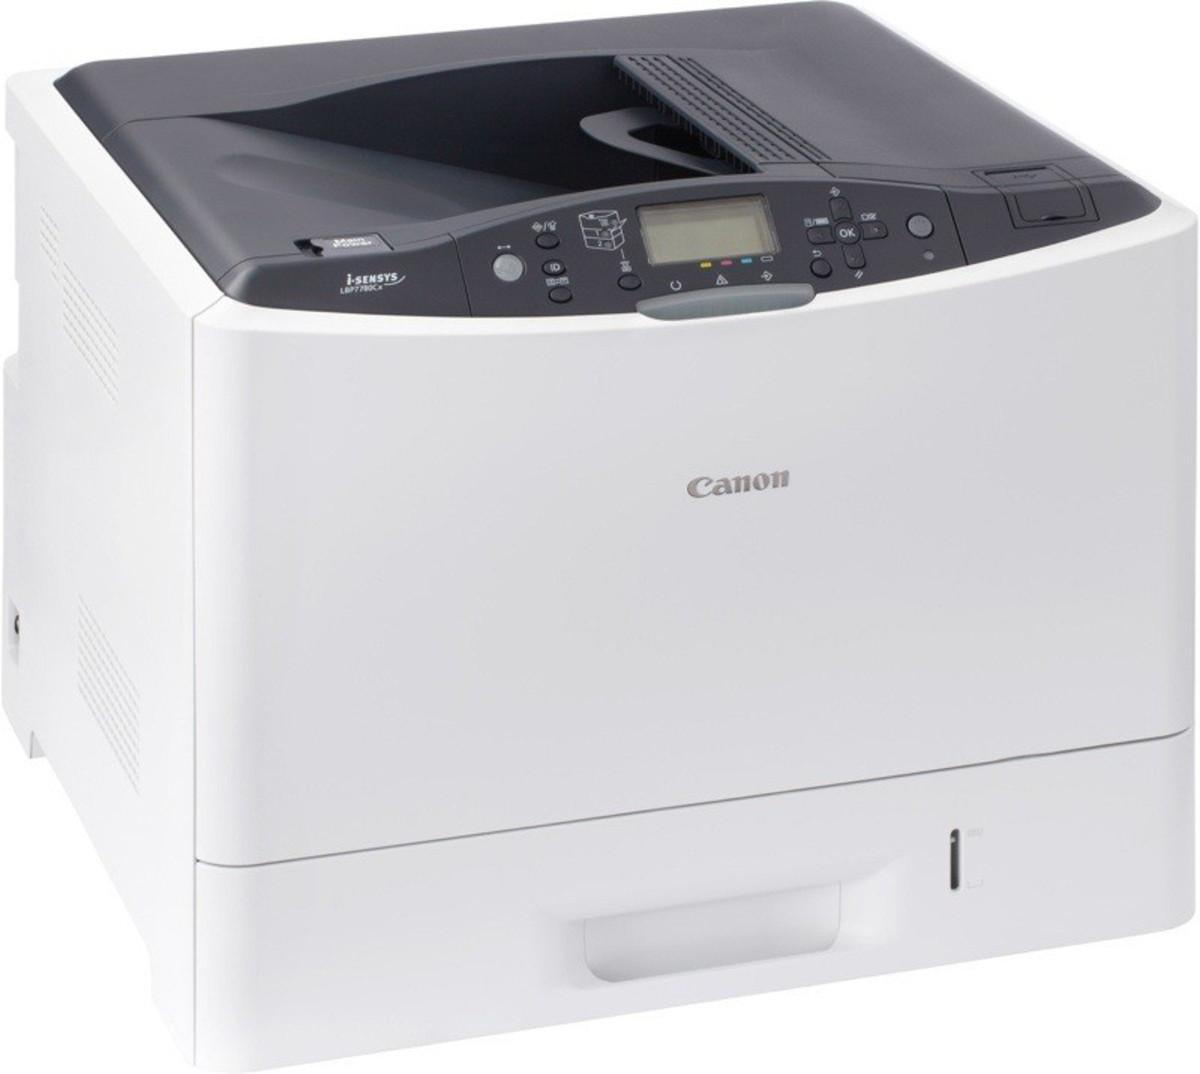 Canon LBP 7780Cx imageCLASS Colour Laser Printer